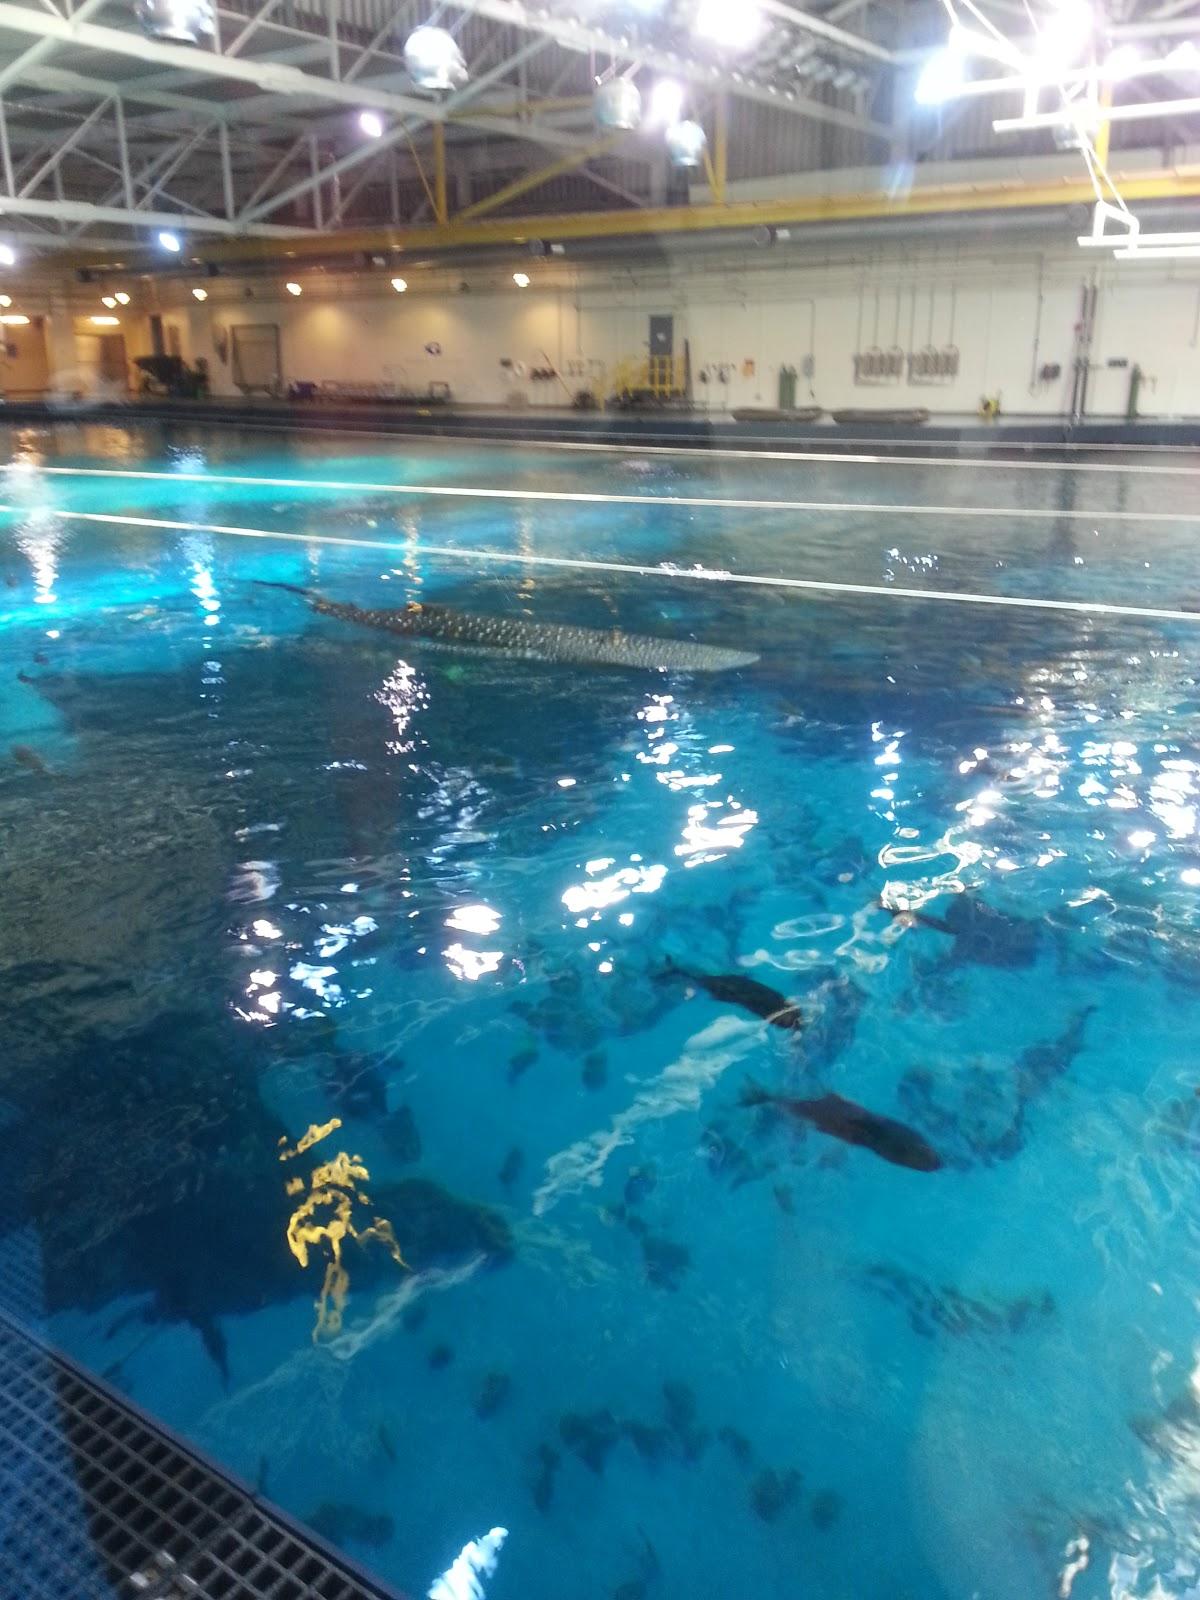 georgia aquarium internship third week goin 39 strong